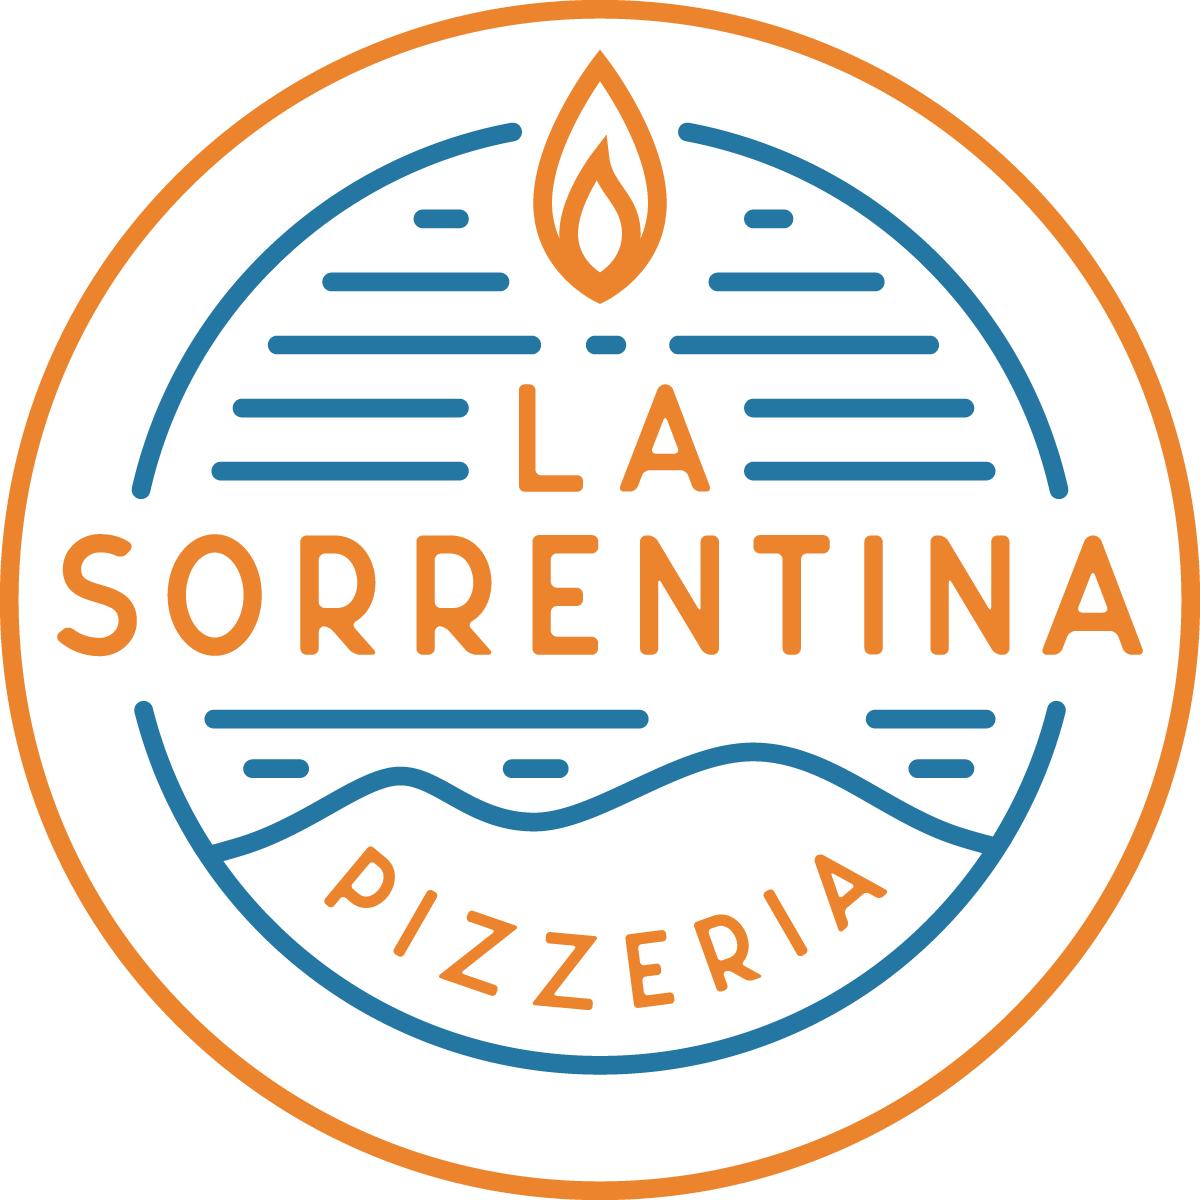 La Sorrentina